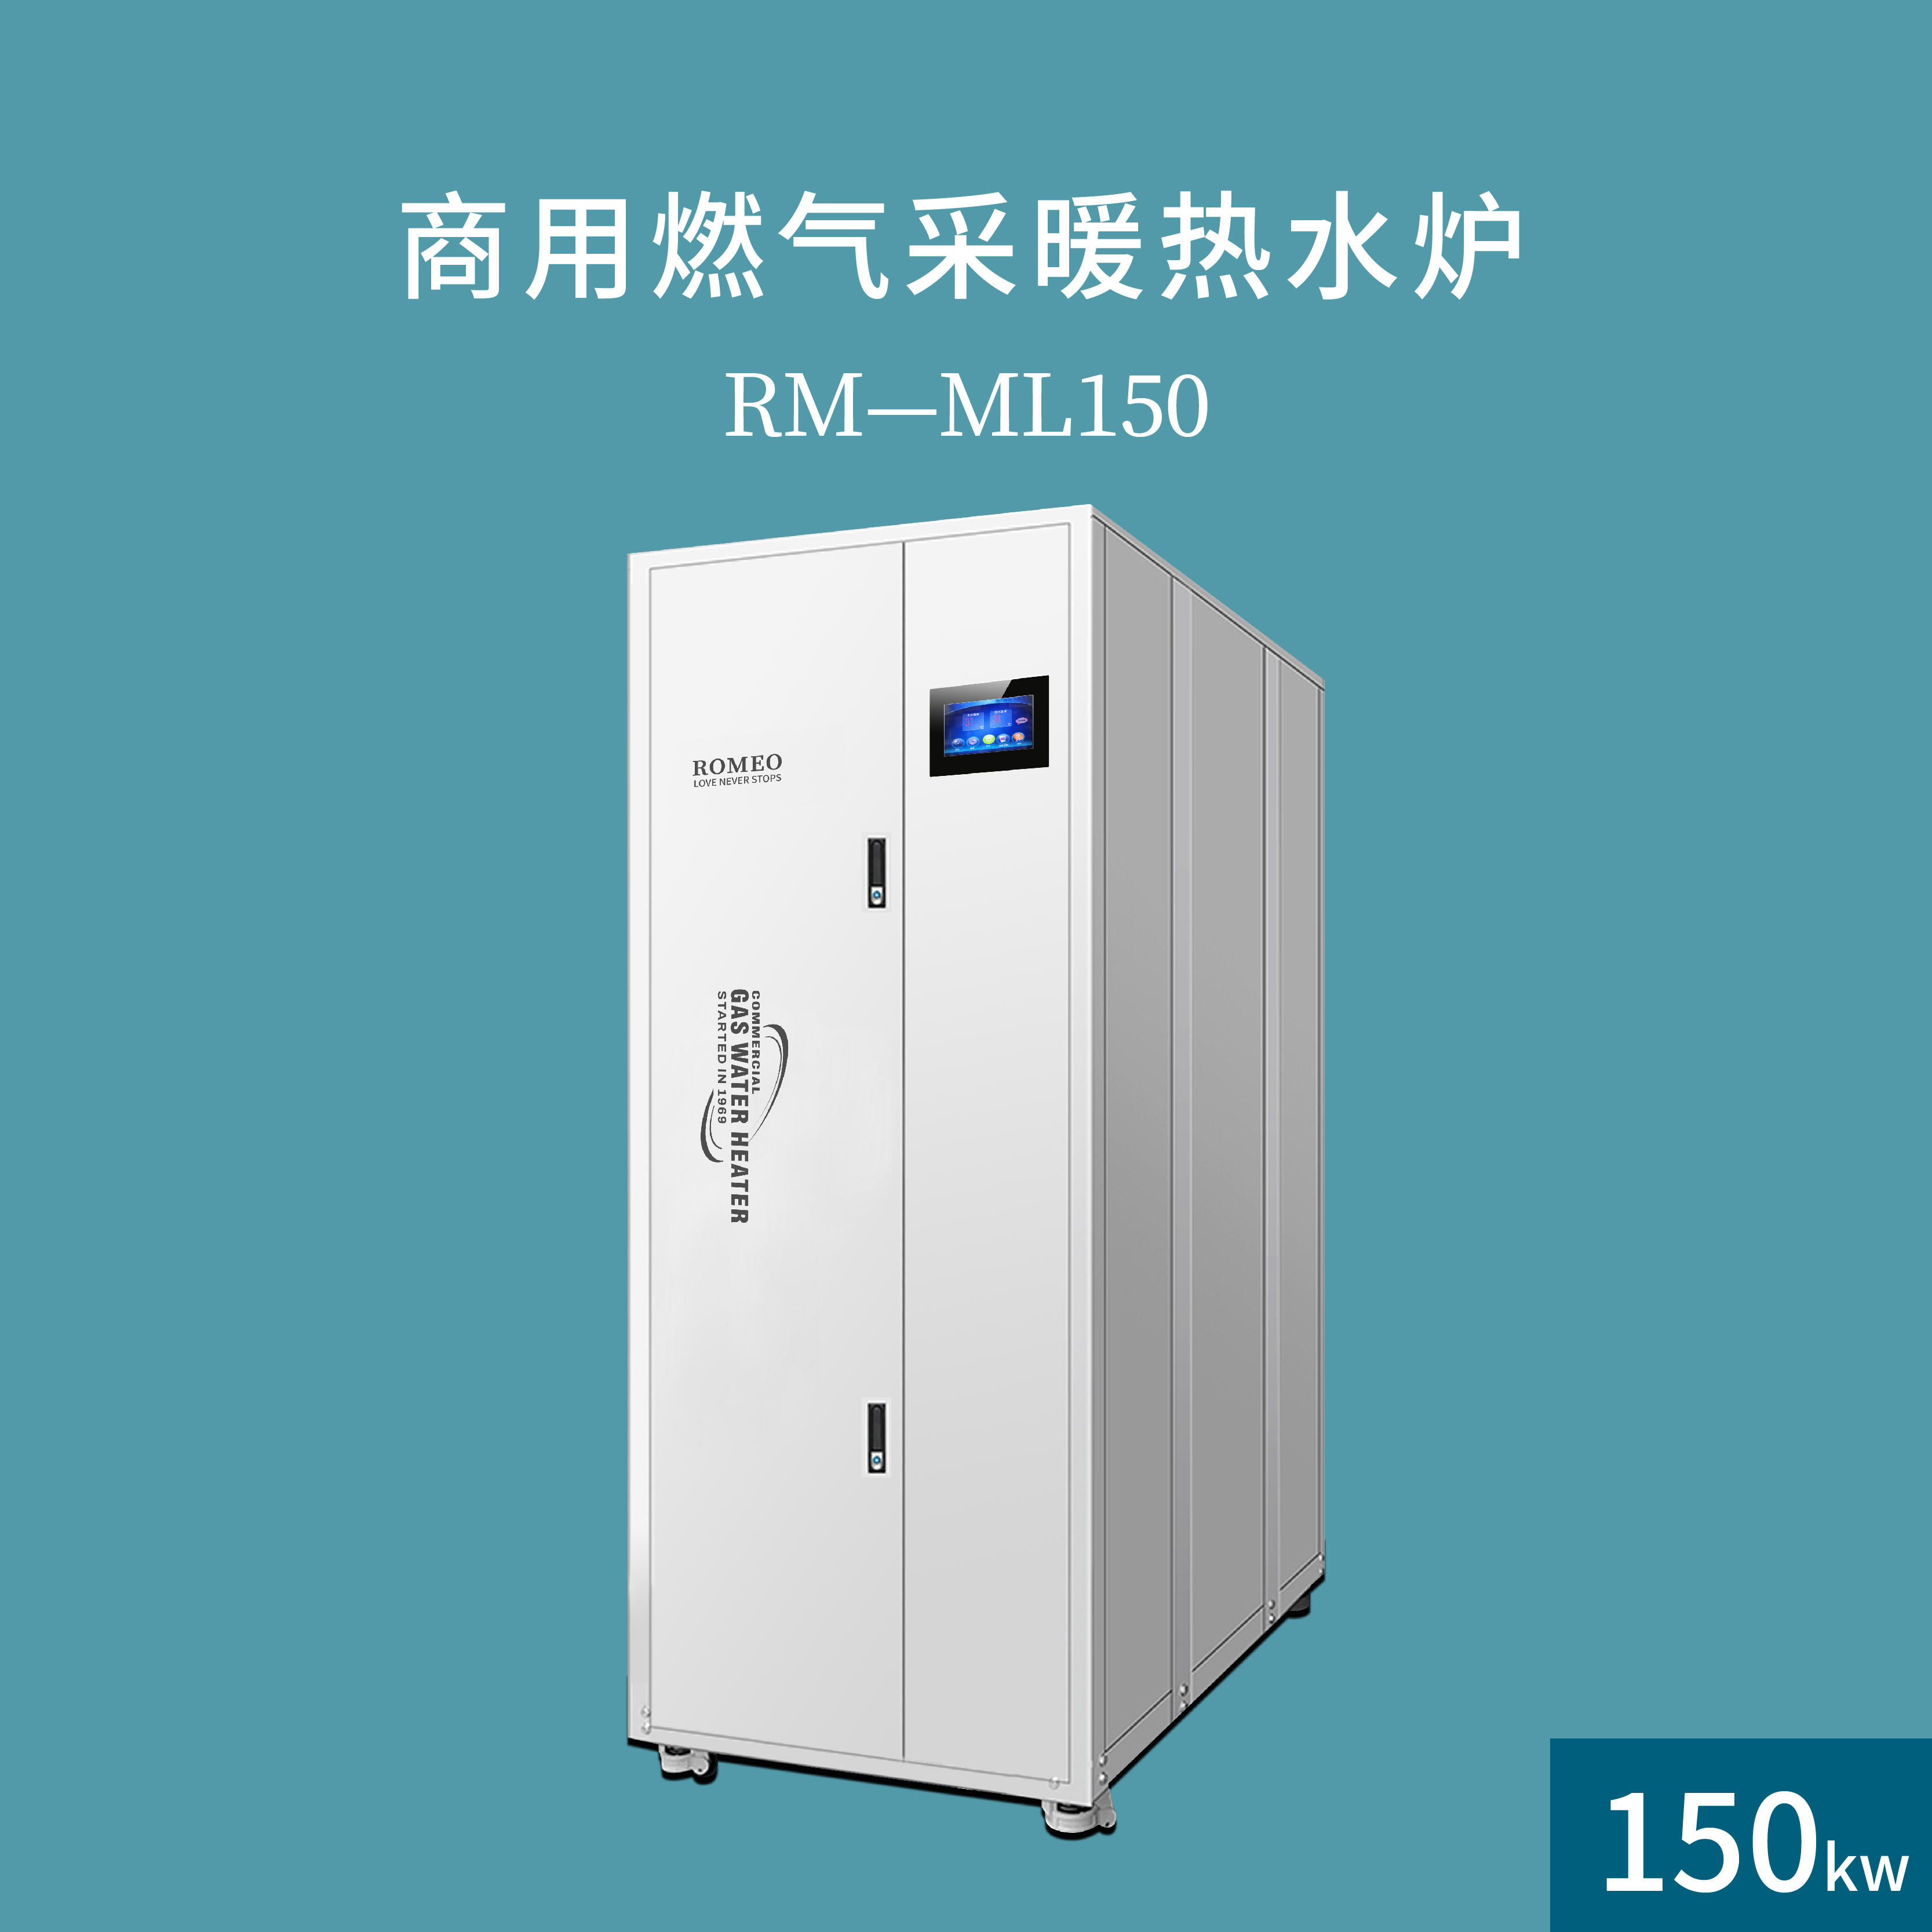 罗密欧商用采暖设备RM-ML150